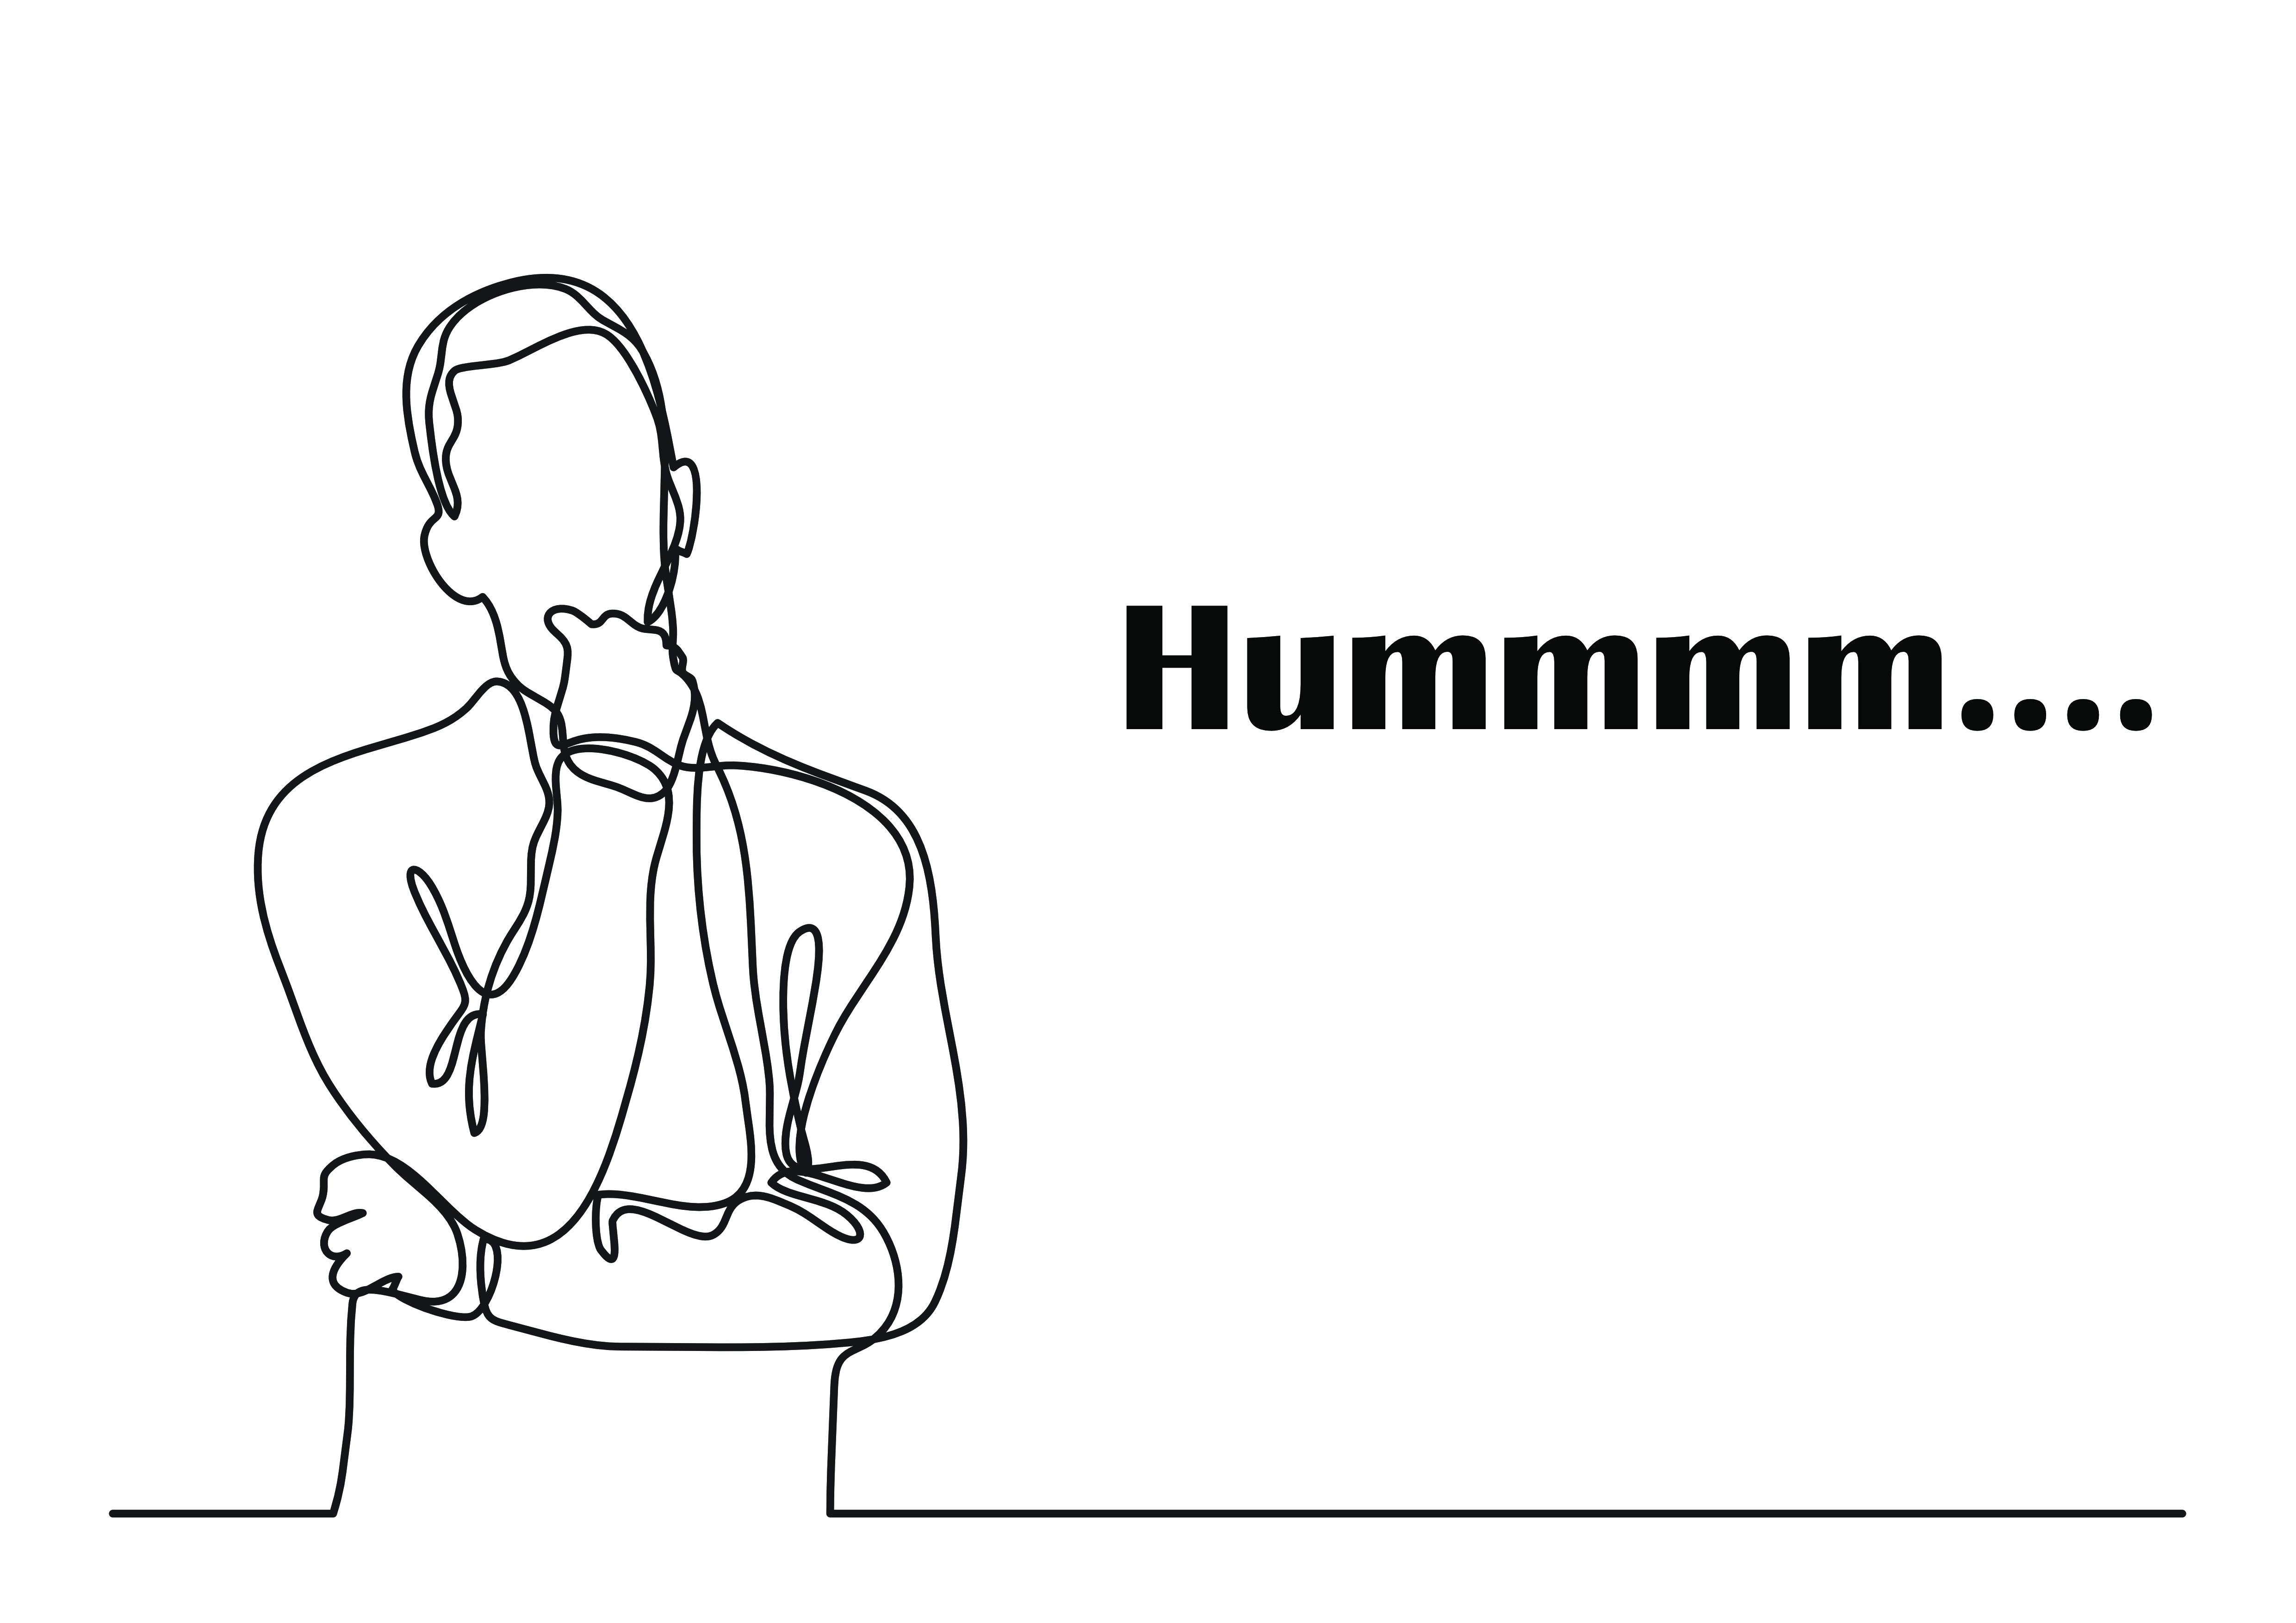 HUMMMM